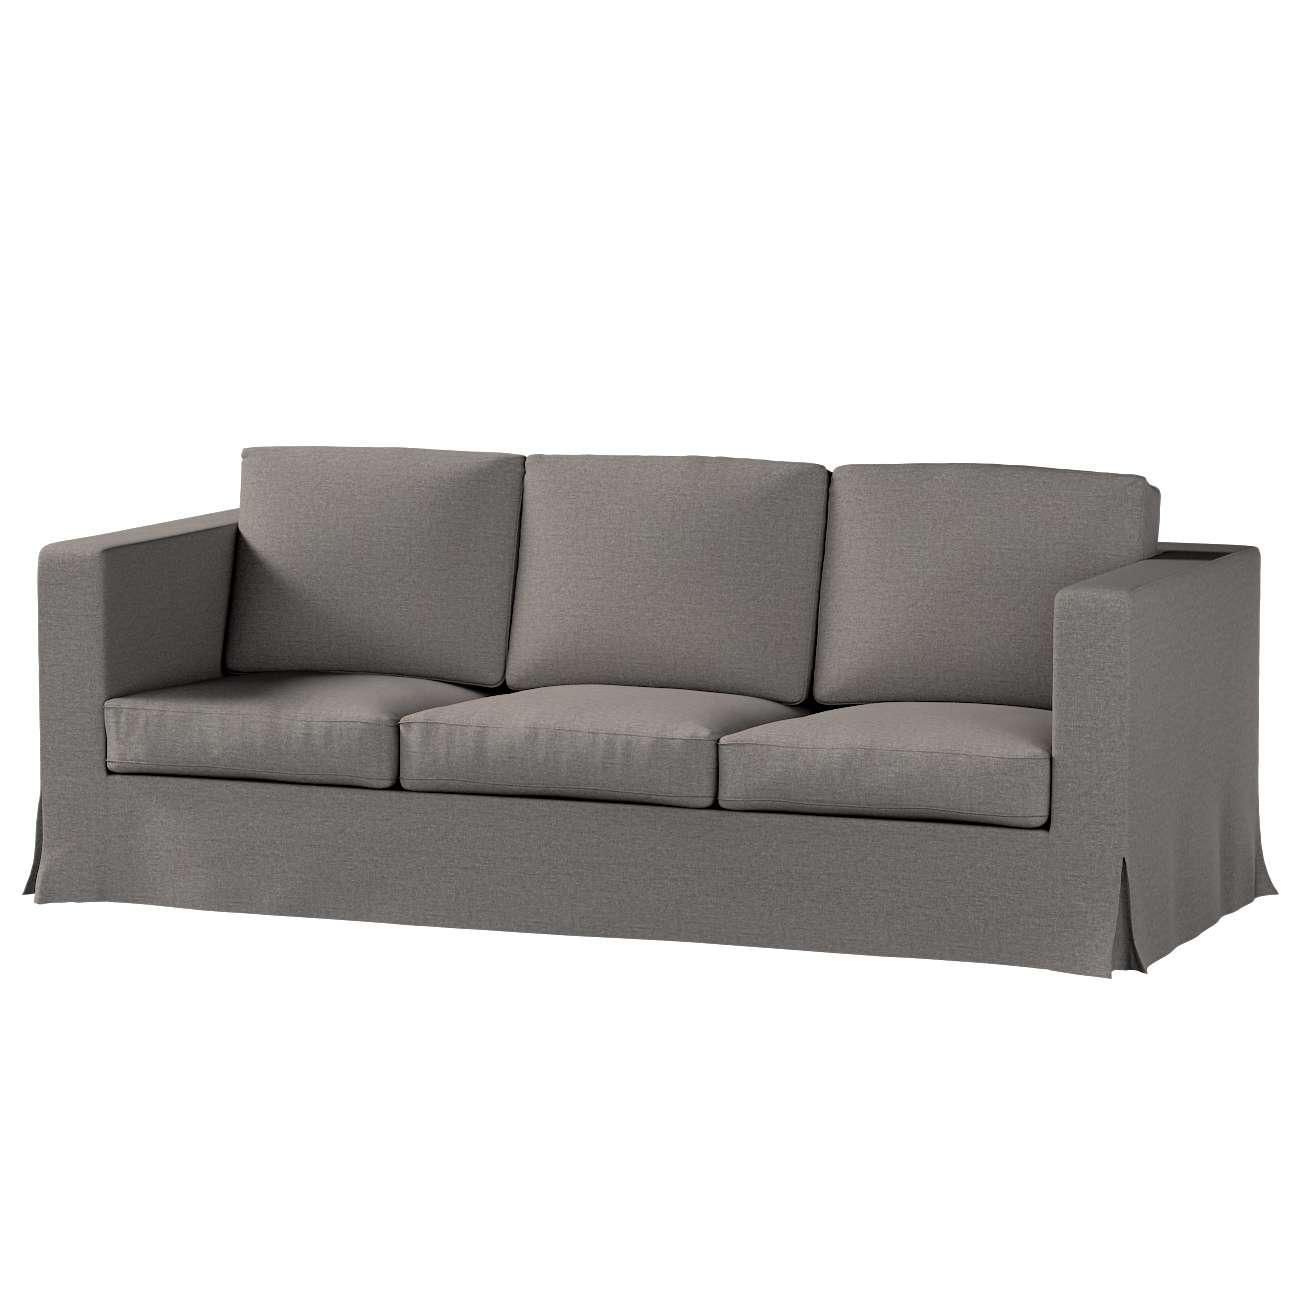 Pokrowiec na sofę Karlanda 3-osobową nierozkładaną, długi Sofa Karlanda 3-os w kolekcji Edinburgh, tkanina: 115-77